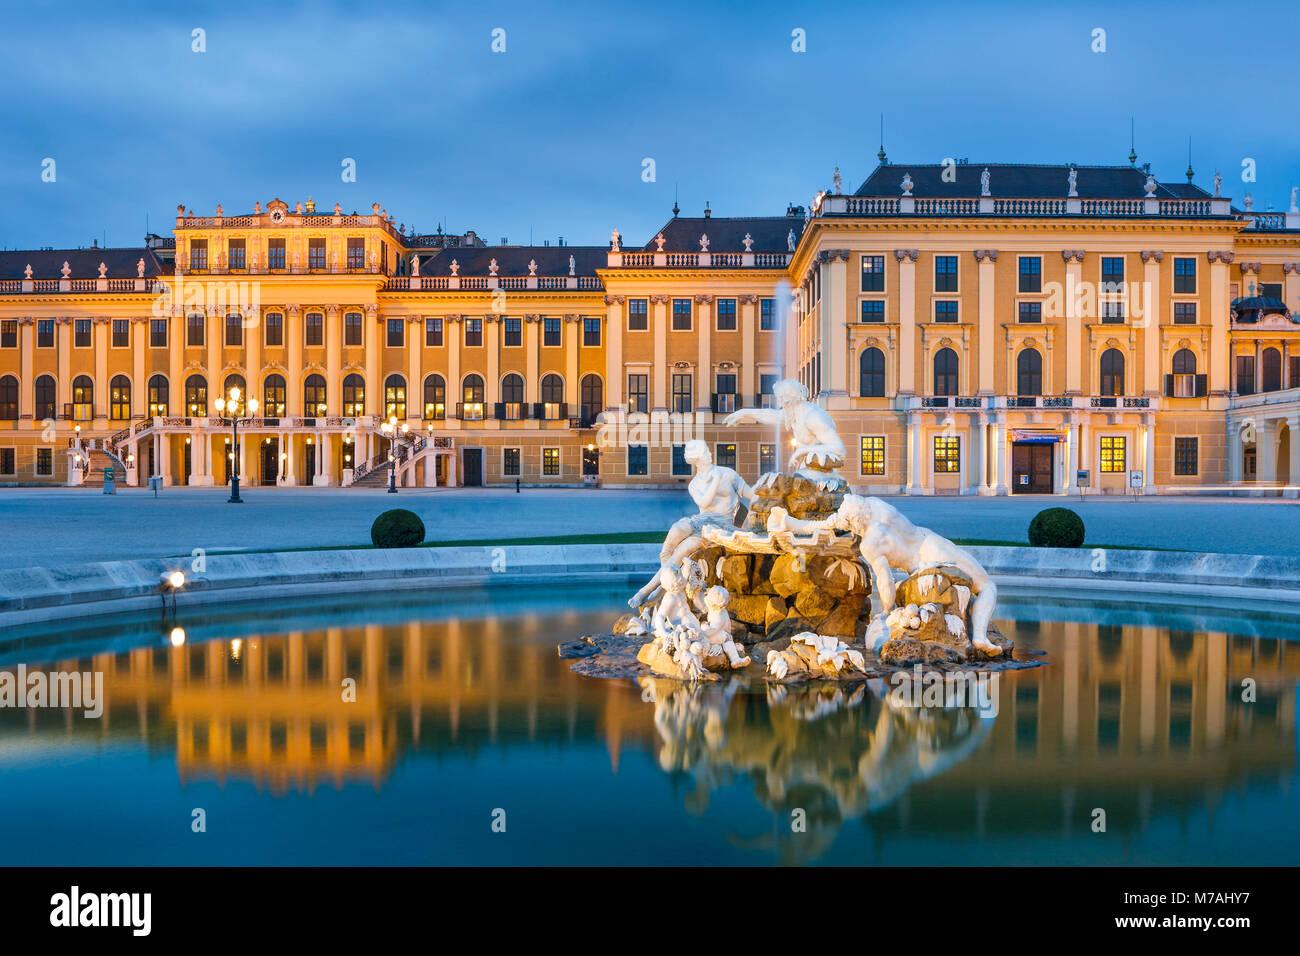 Heure bleue avec reflet dans la fontaine sur le parvis du Palais de Schönbrunn à Vienne Photo Stock